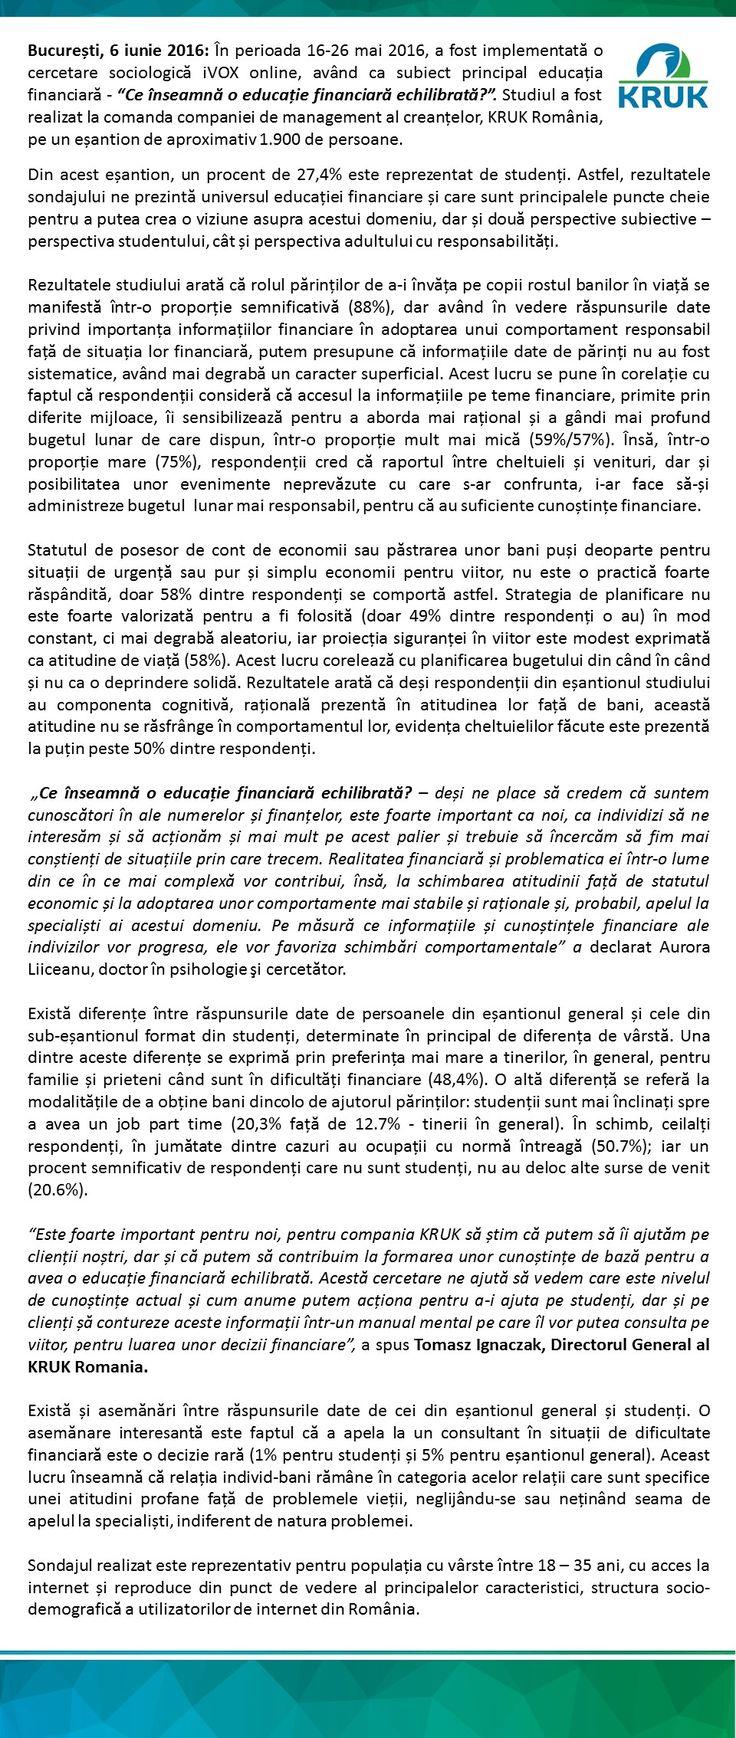 Comunicatul poate fi descarcat de aici: http://ro.kruk.eu/download/gfx/kruk/ro/defaultmultilistaplikow/47/54/1/comunicat_de_presa_-_educatie_financiara.docx